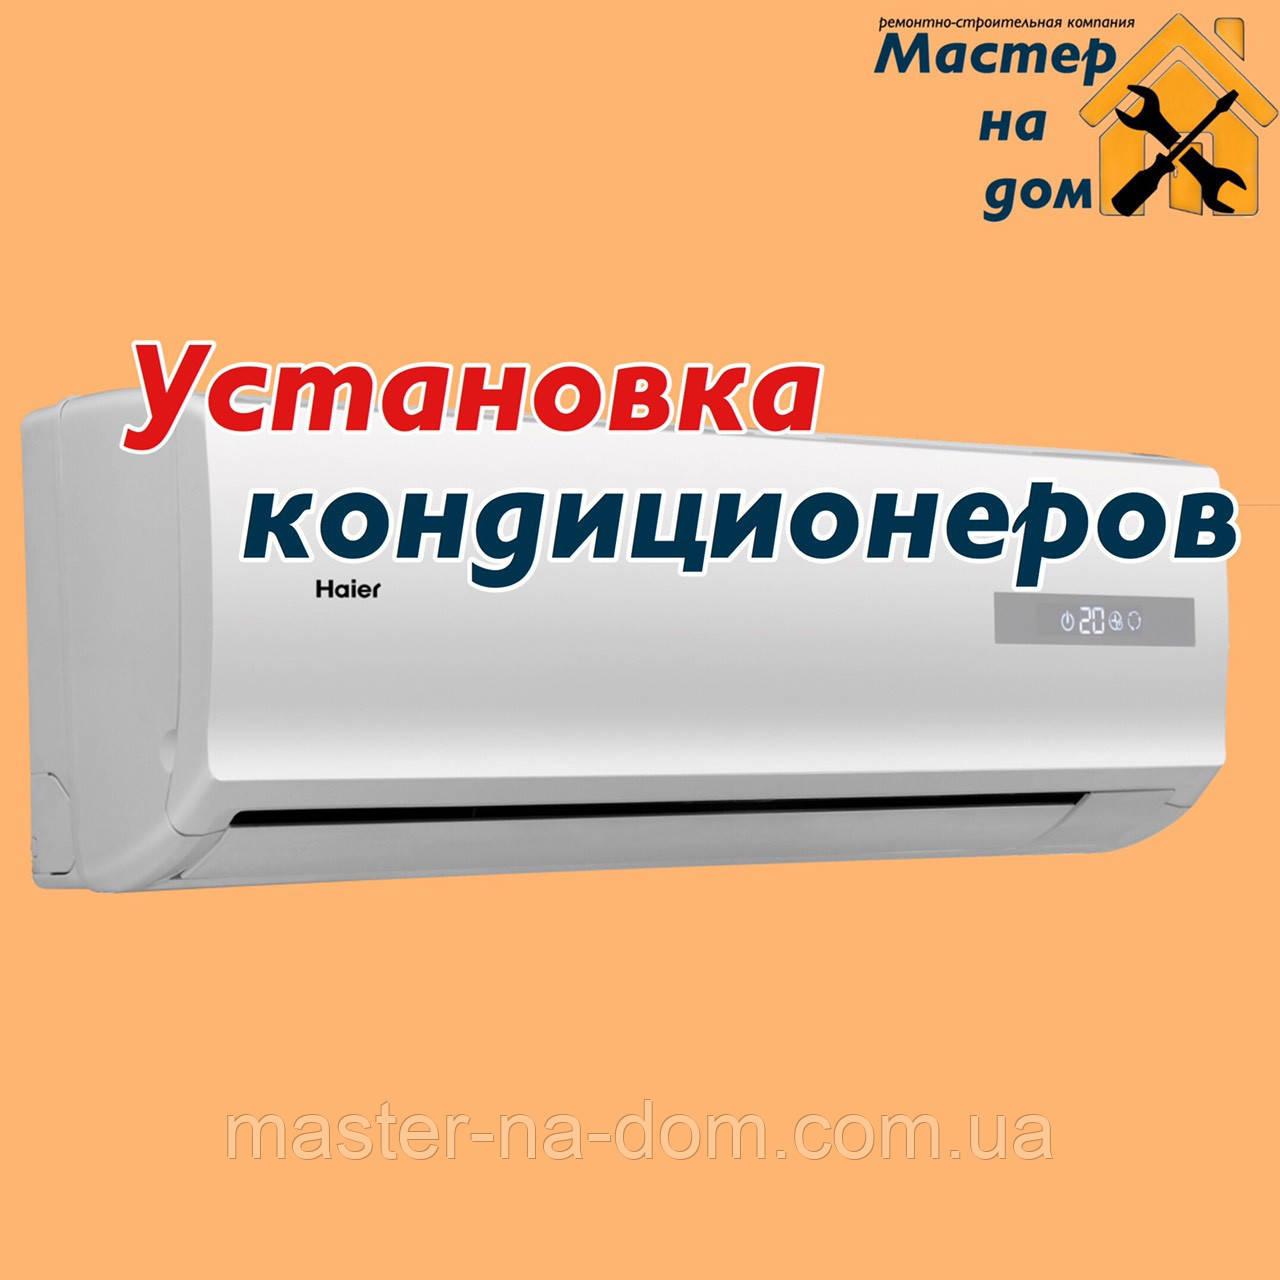 Установка кондиционера в Николаеве